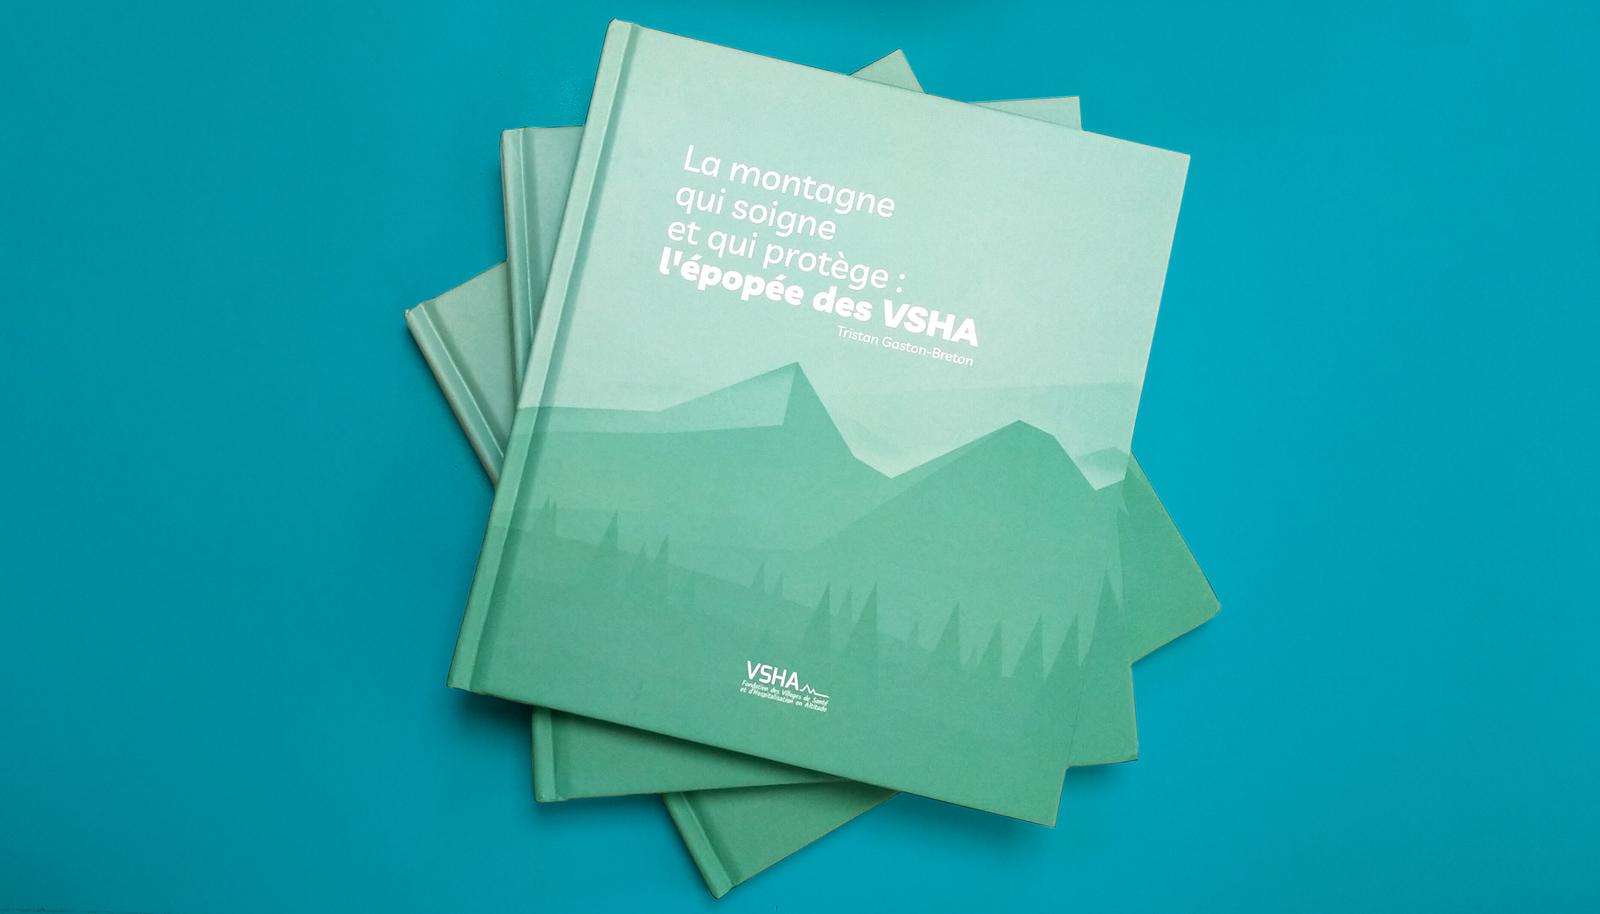 VSHA-Livre-01